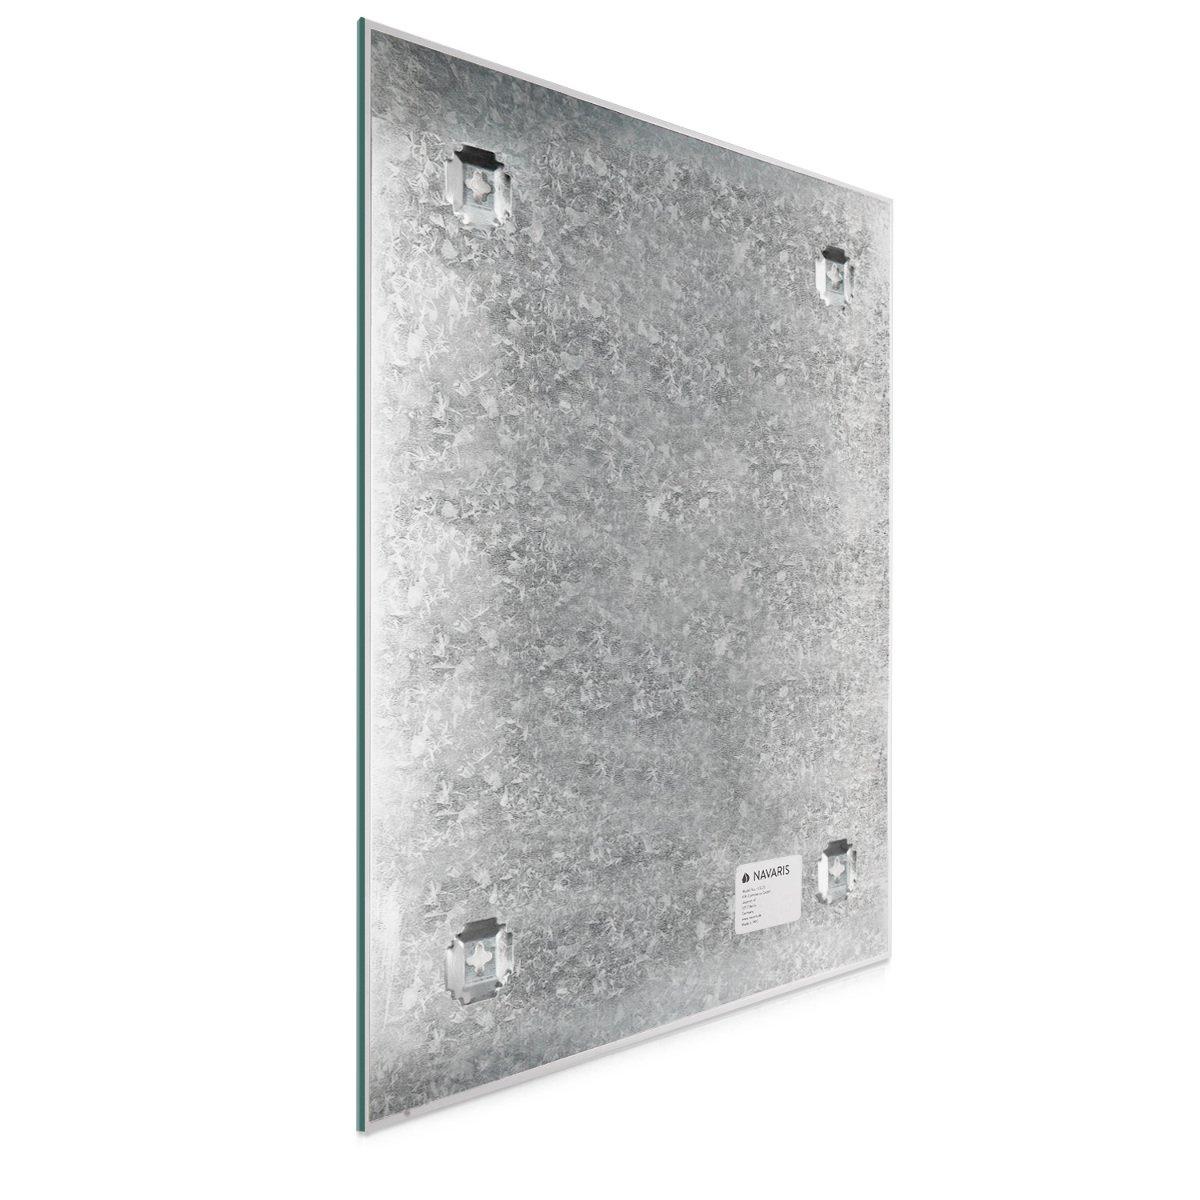 Navaris Tablero de Notas magnético y mapamundi - Pizarra magnética de Cristal 60x40CM con diseño Mapa Mundial - Incluye 1 Marcador imanes y Soporte: ...